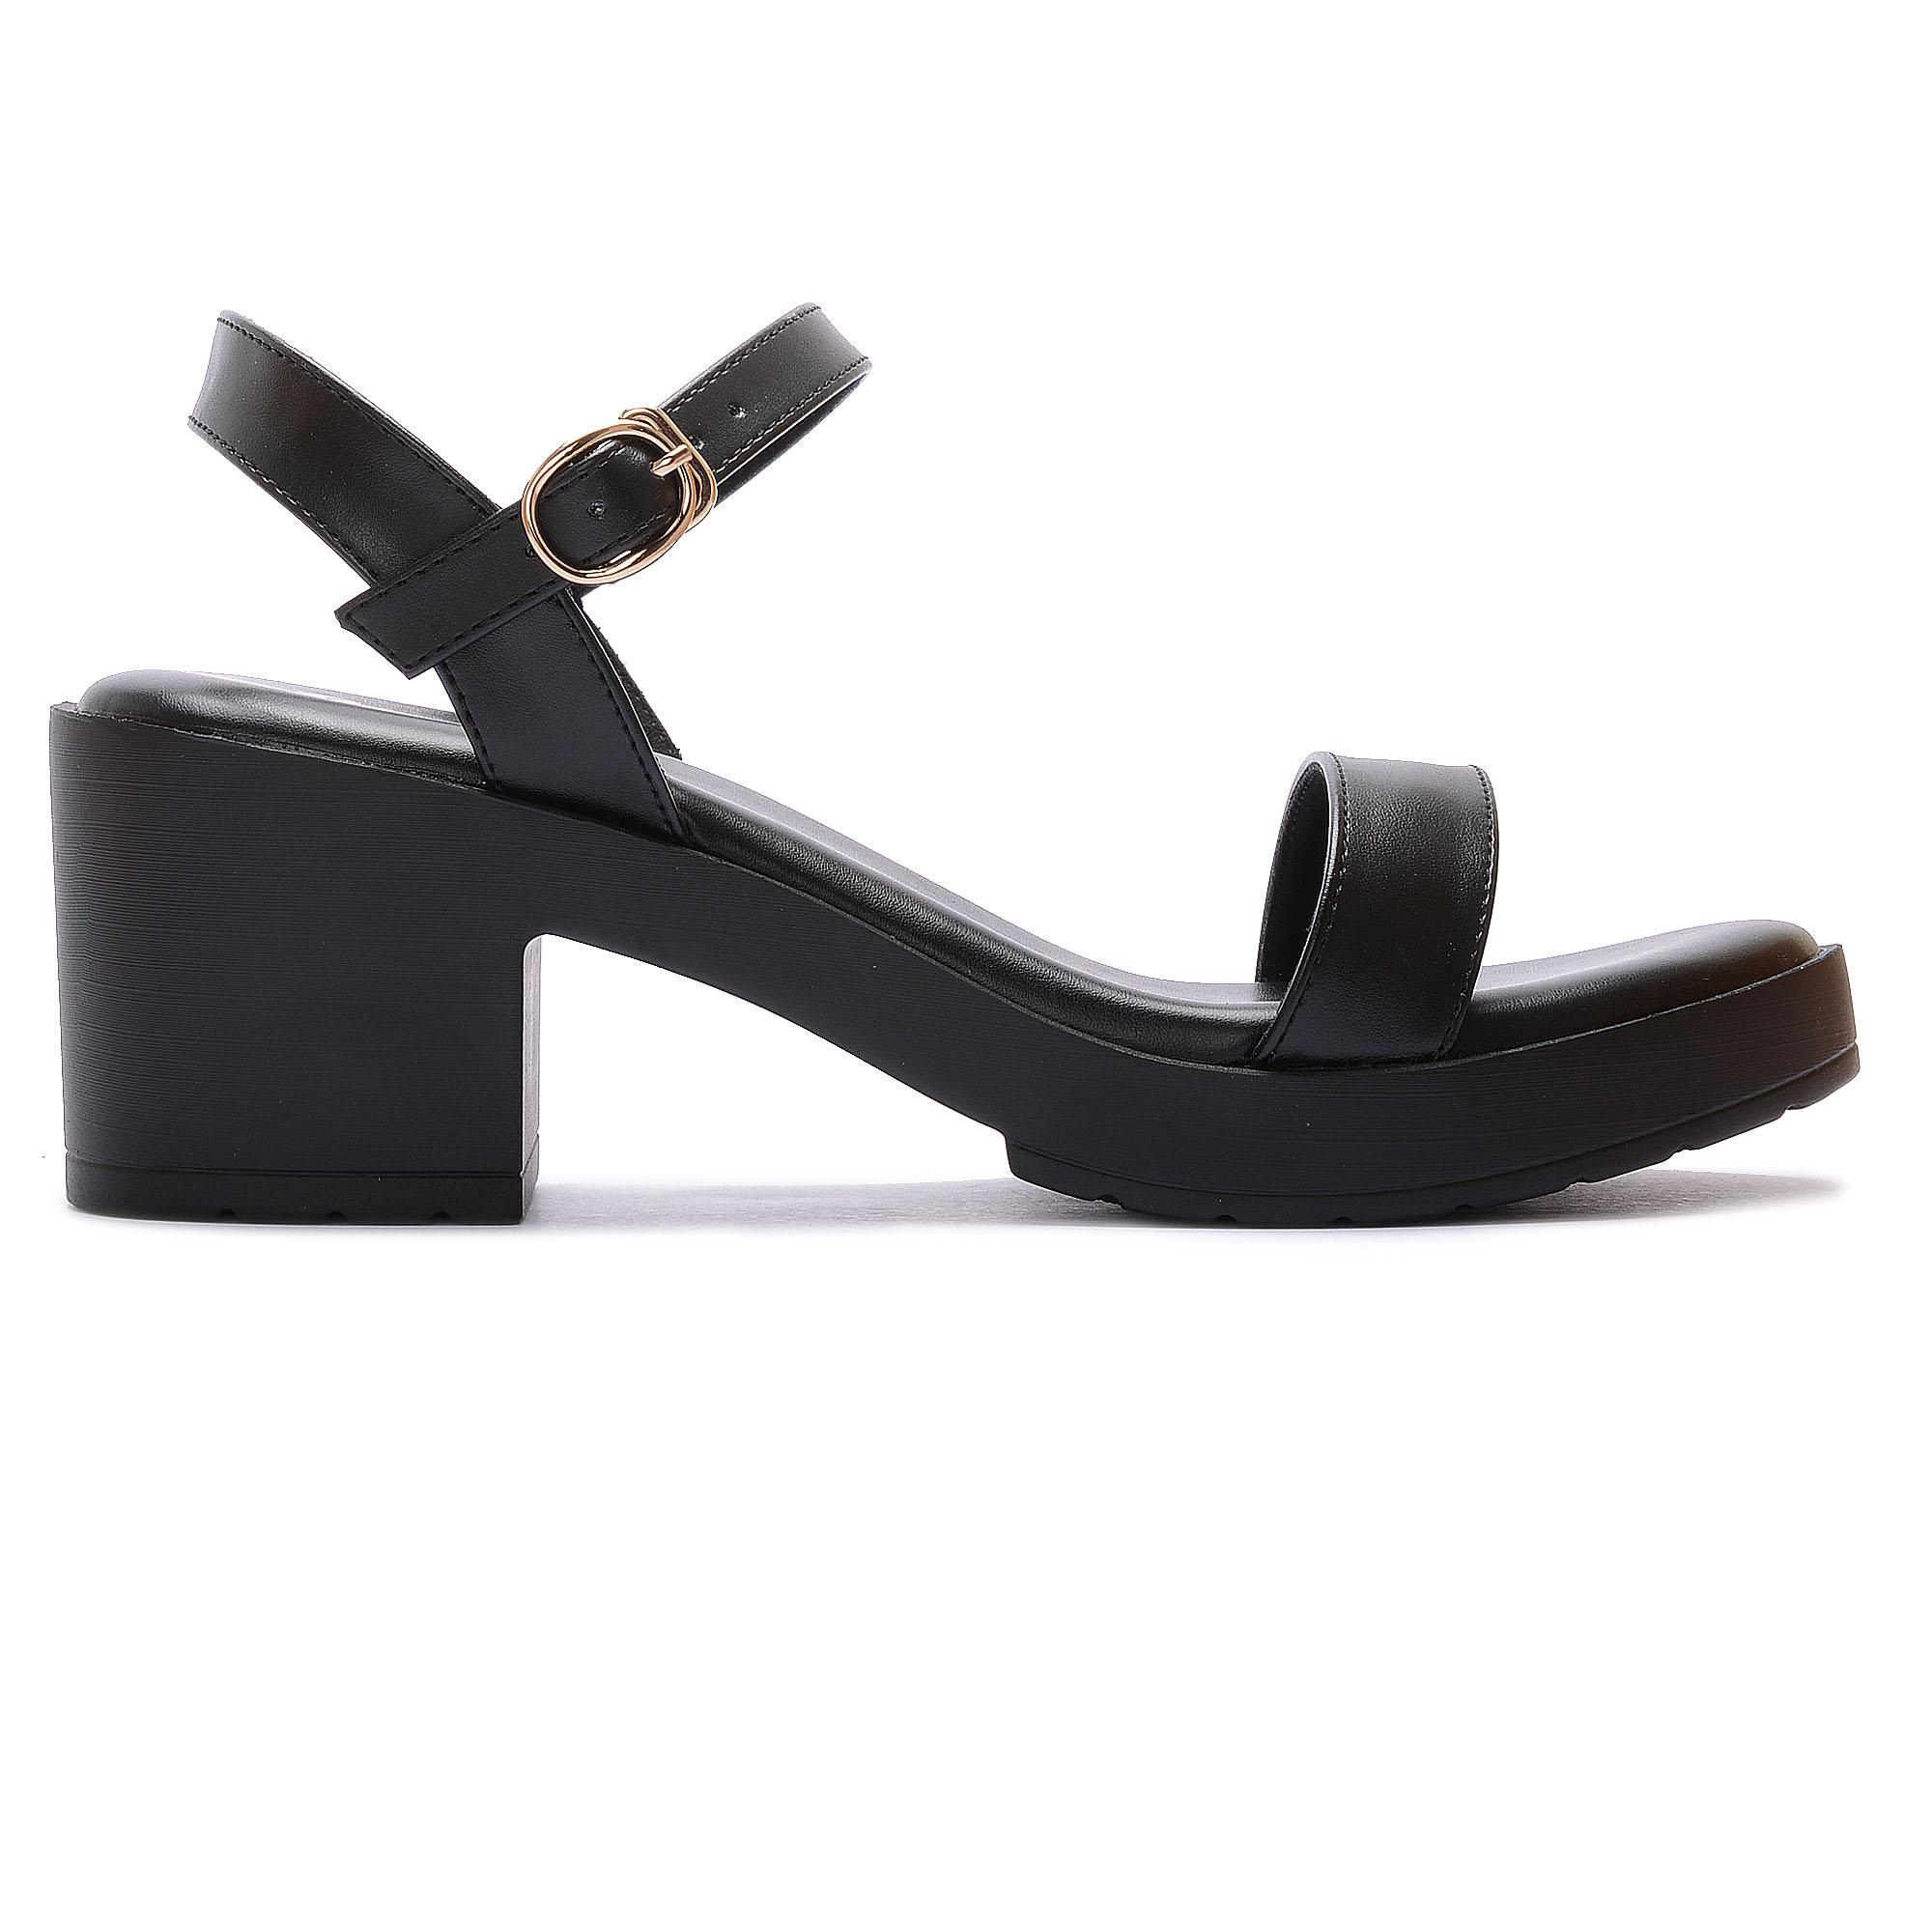 33520688f Bata Shoes singapore - Shop Bata Shoes For Women Online